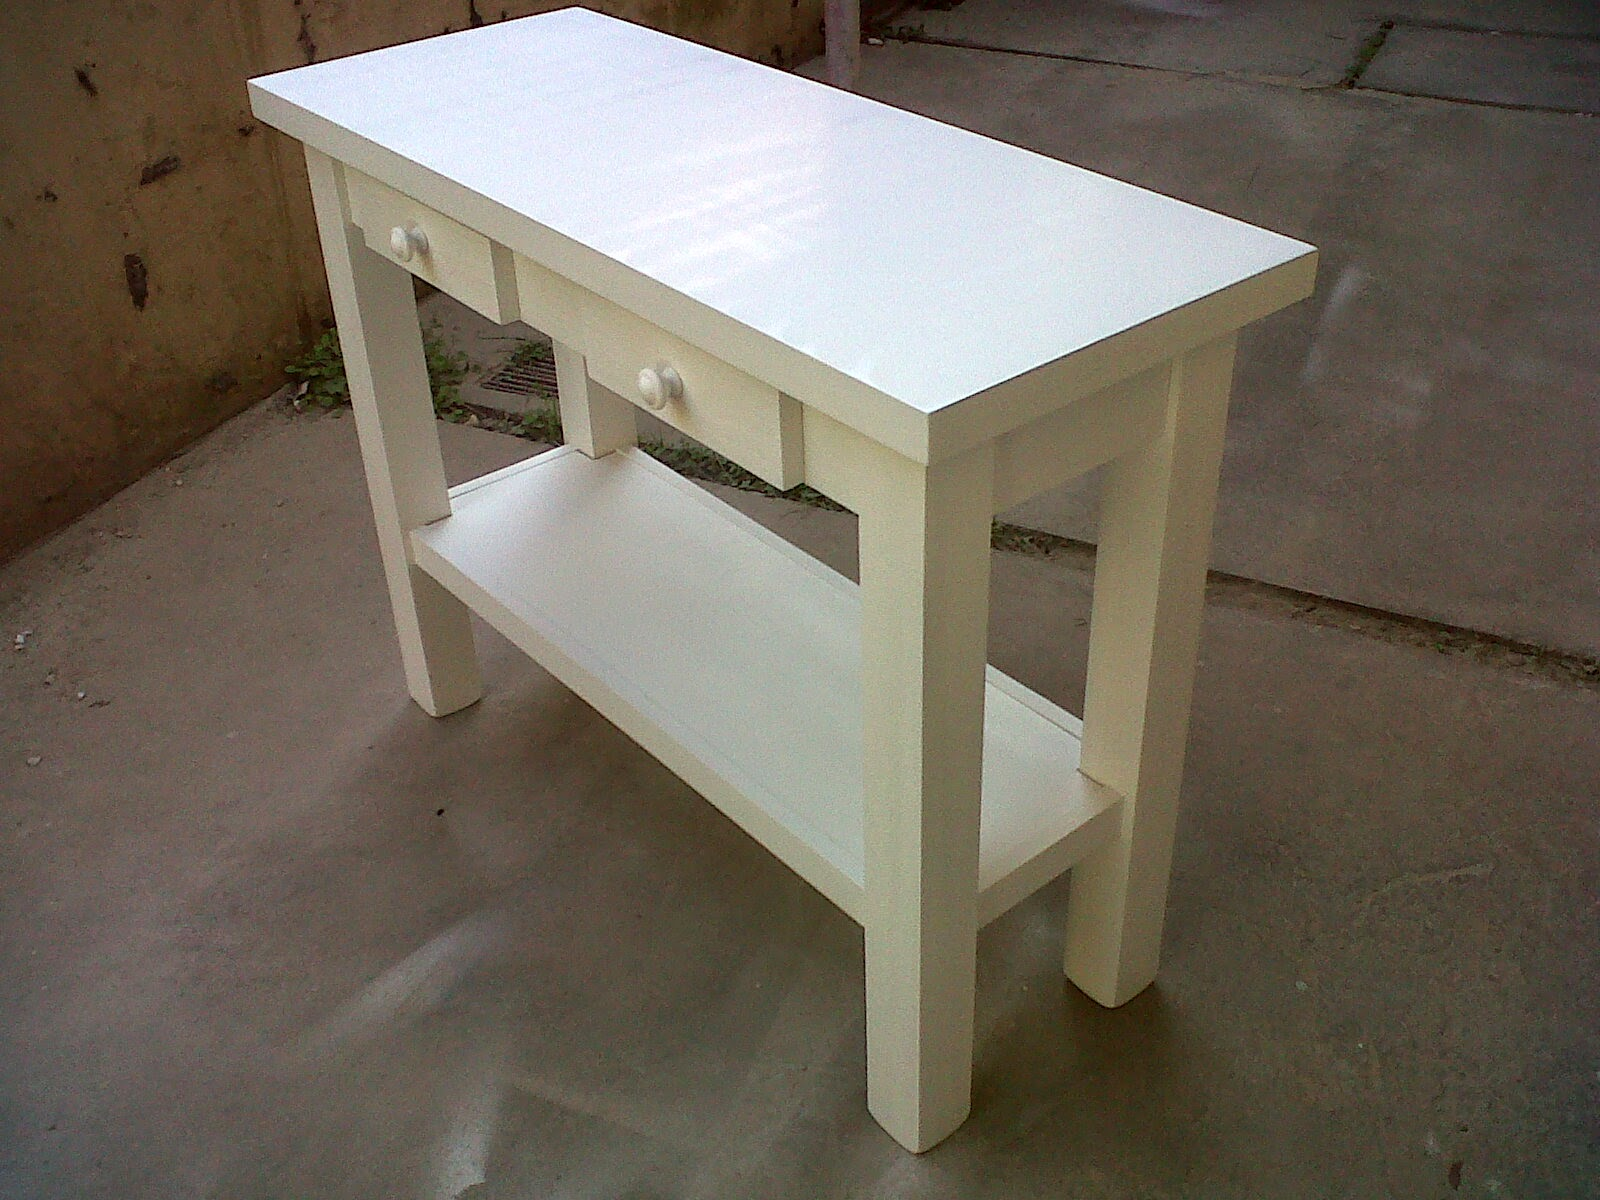 Muebles de cocina de pino laqueados ideas interesantes para dise ar los ltimos - Mueble de pino ...